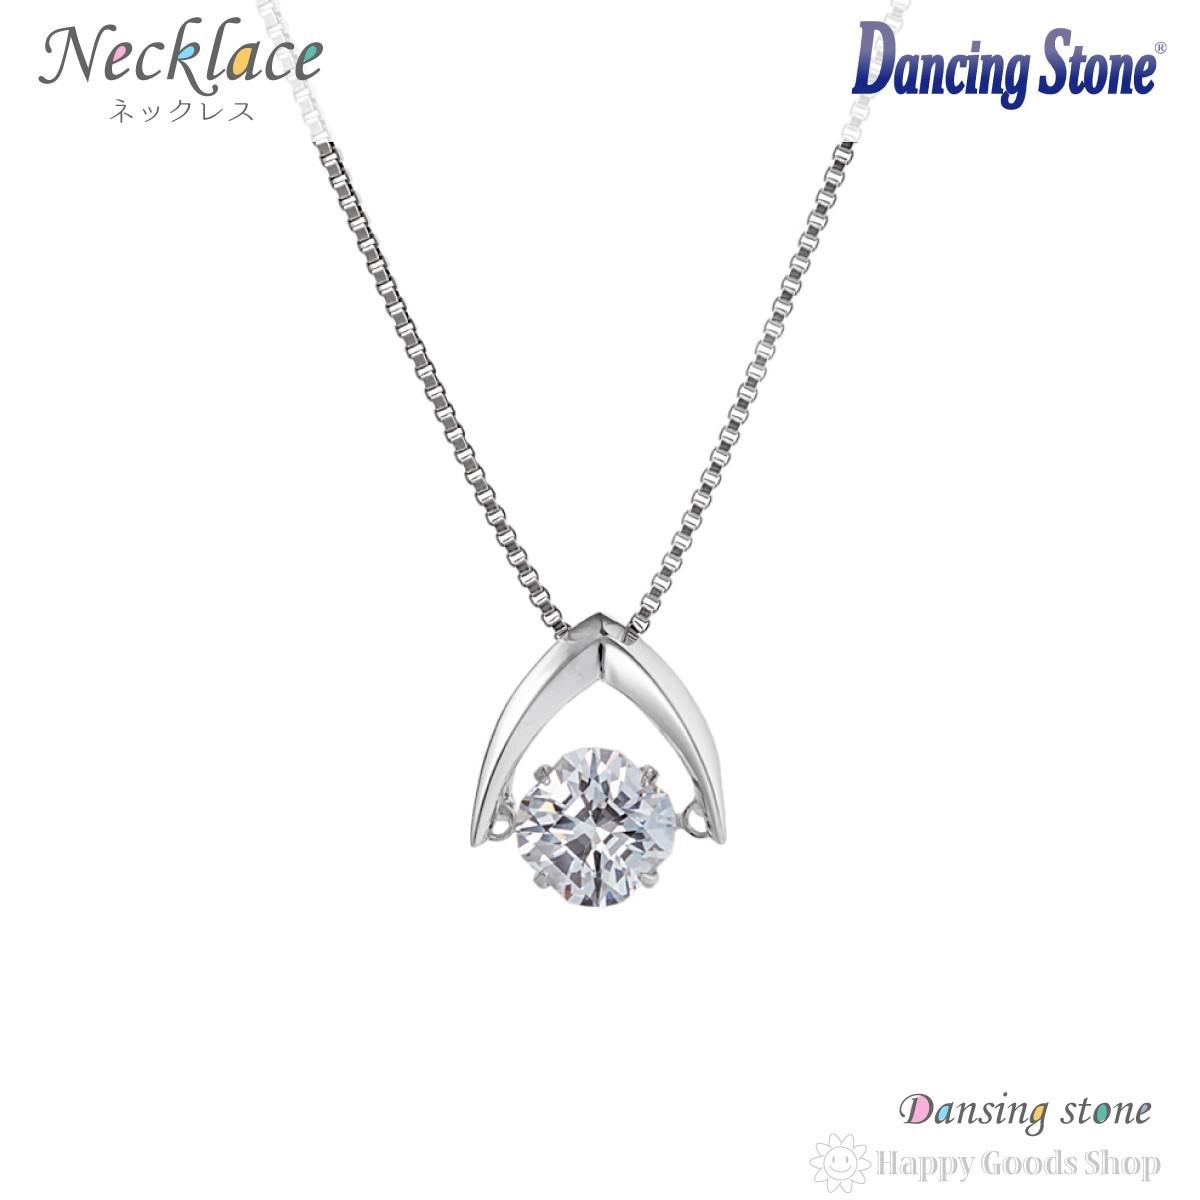 踊る宝石 ダンシングストーン 揺れる ネックレス クロスフォーニューヨーク DansingStone Good Future NYP-533 ギフトボックス入り 品質保証付